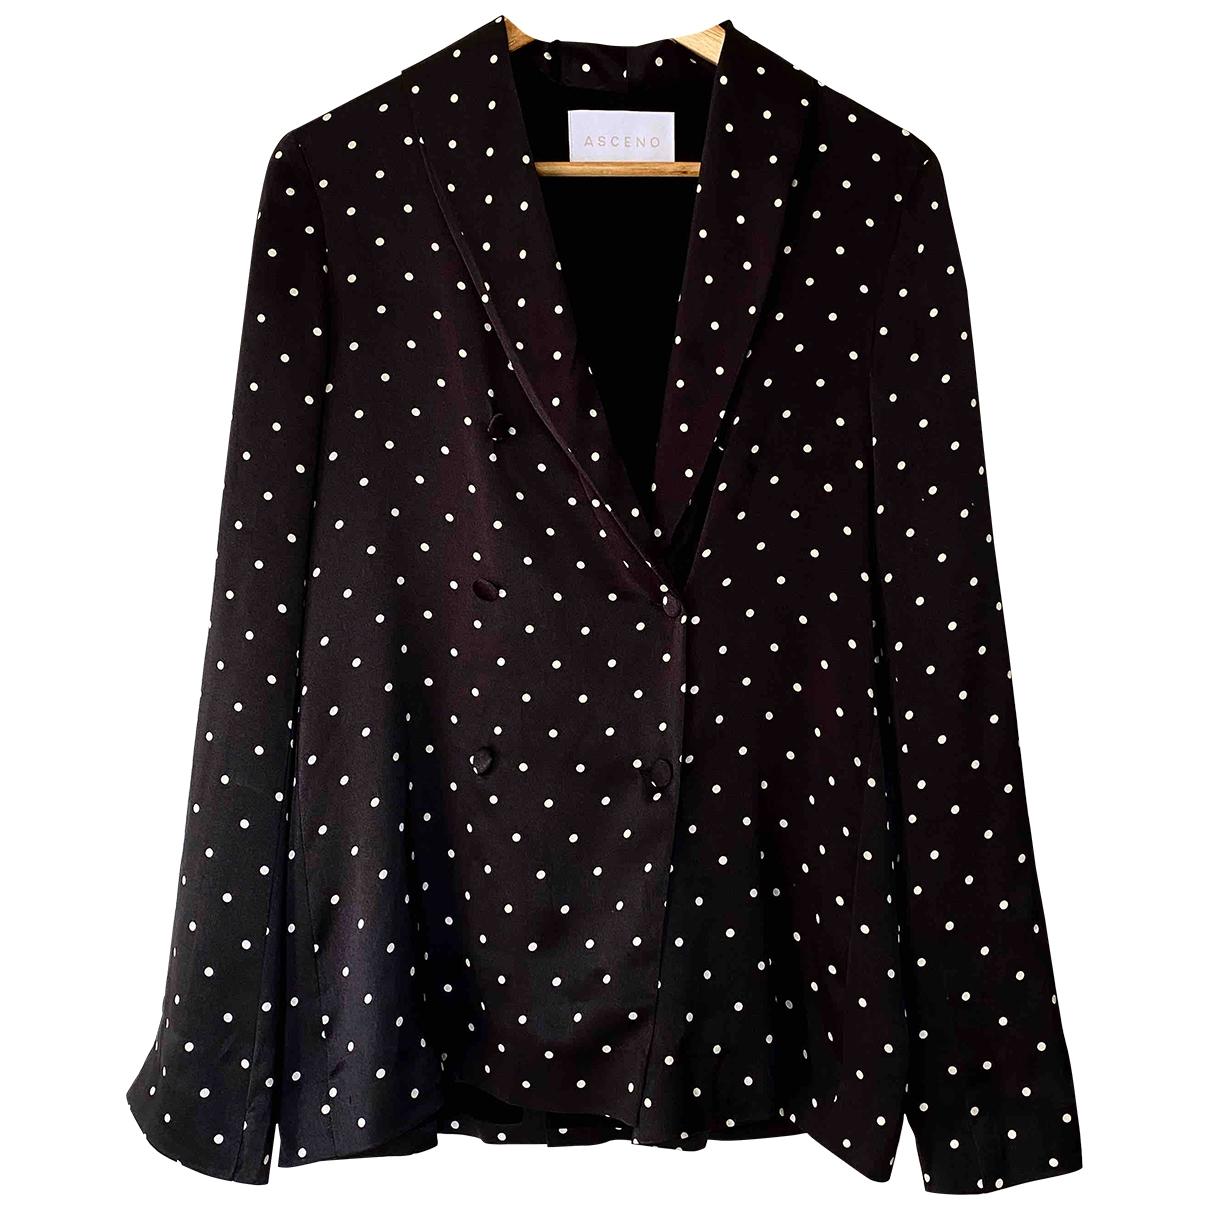 Asceno - Veste   pour femme en soie - noir